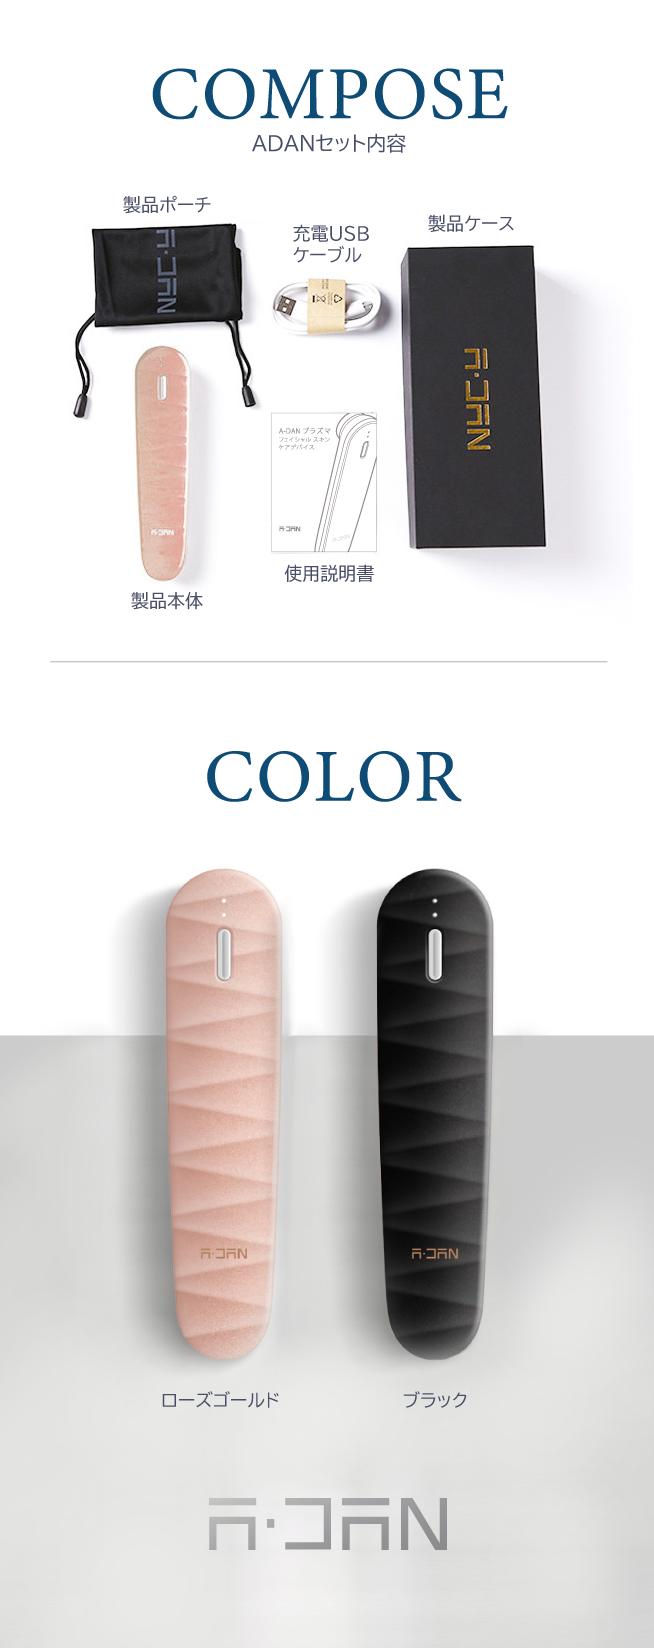 ADANプラズマ美容機器 カラーと本体